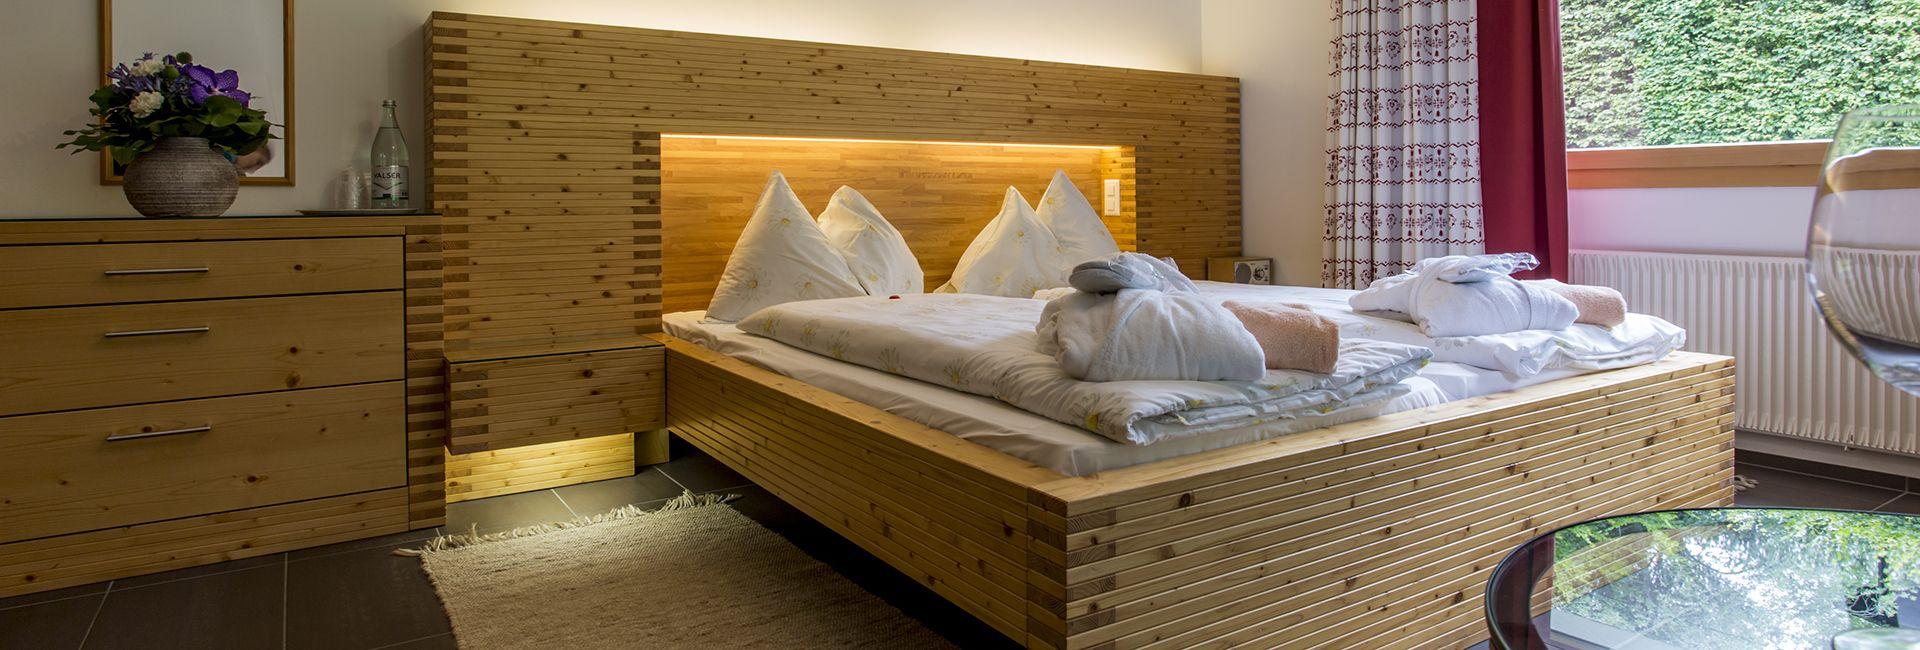 Zimmer in der Casa Juliana im Hotel Cresta Flims